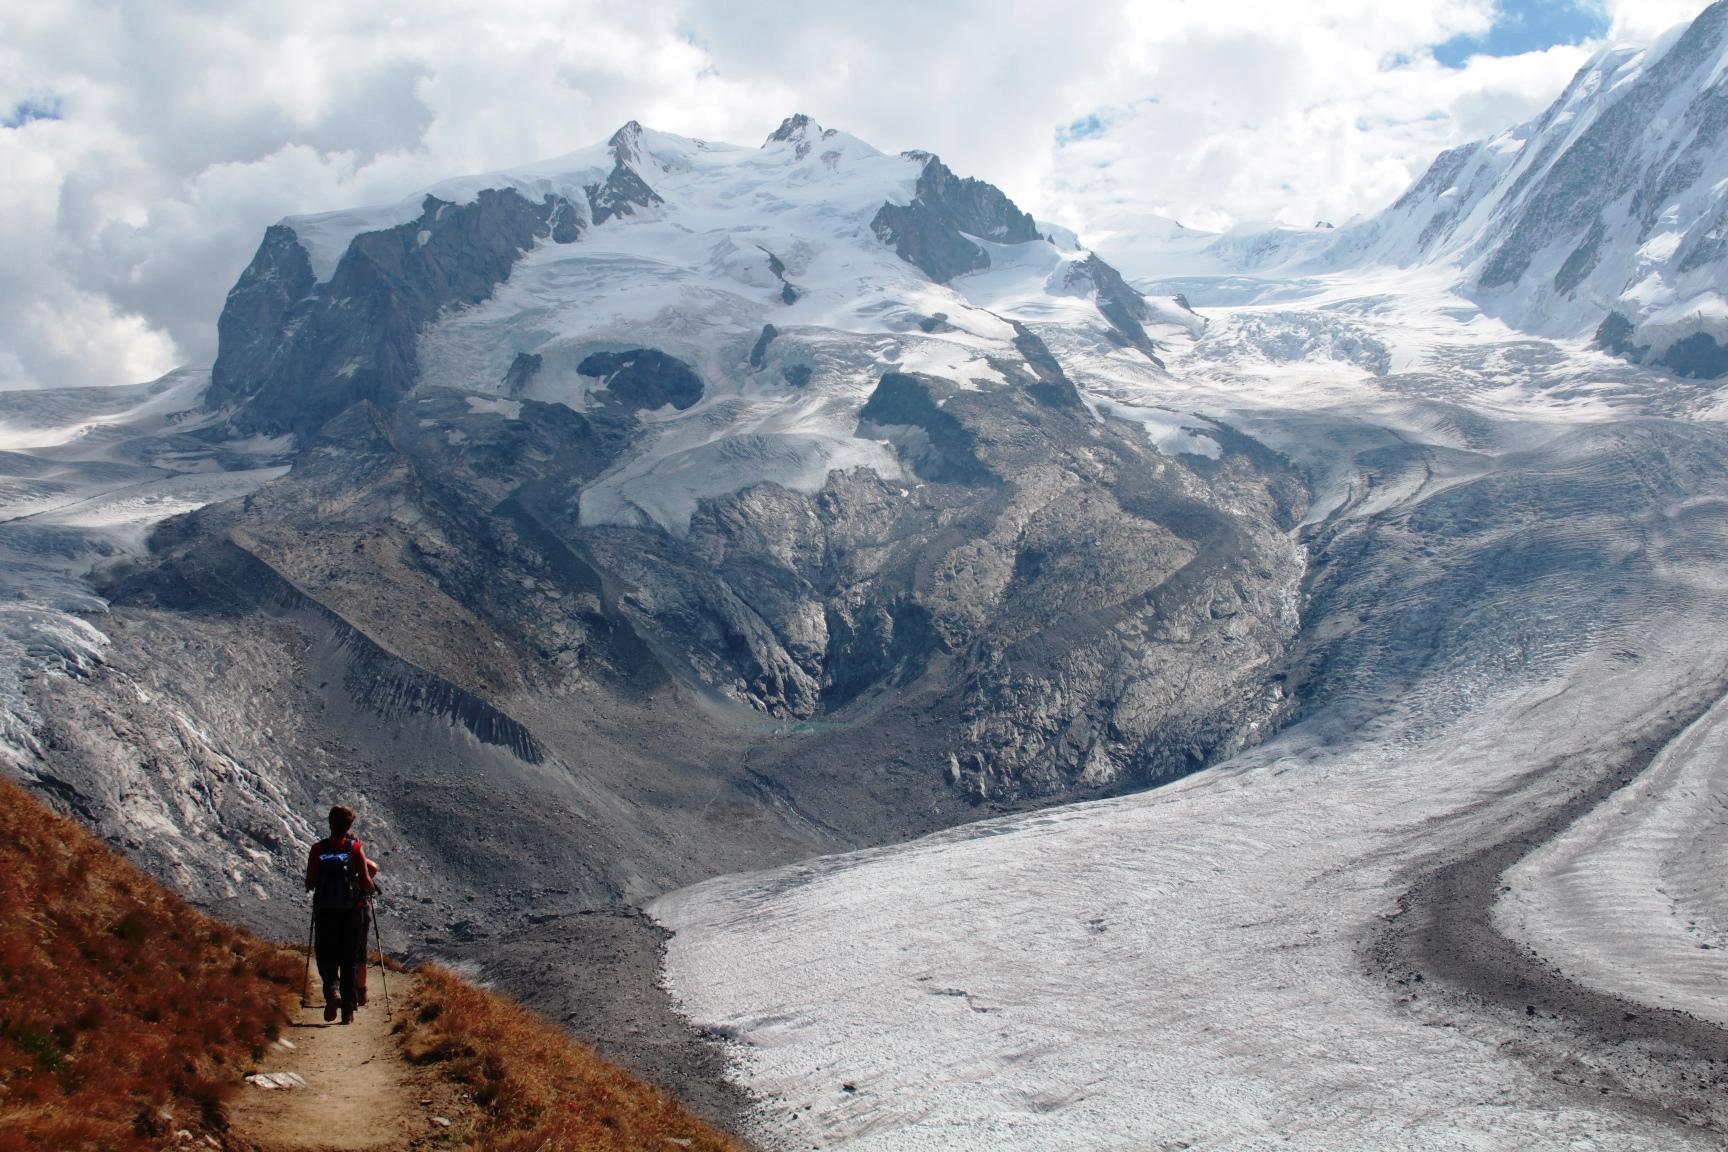 スイス最高峰モンテローザと優美に湾曲するゴルナー氷河(3日目)